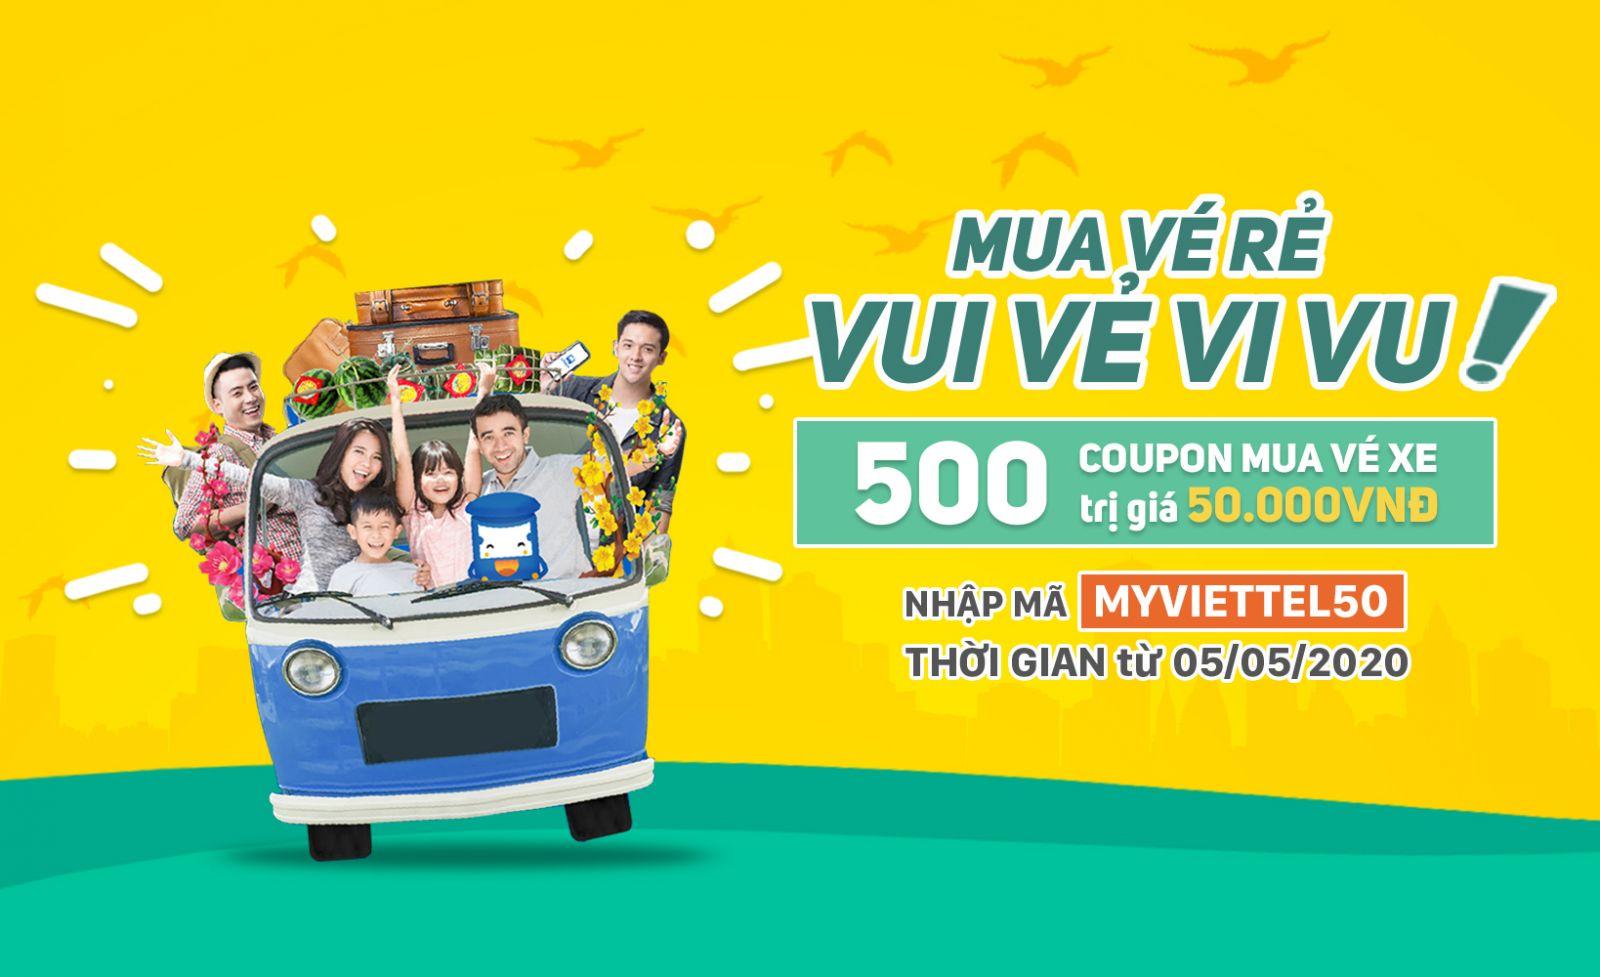 500 Coupon mua vé xe trị giá 50k dành tặng khách hàng may mắn